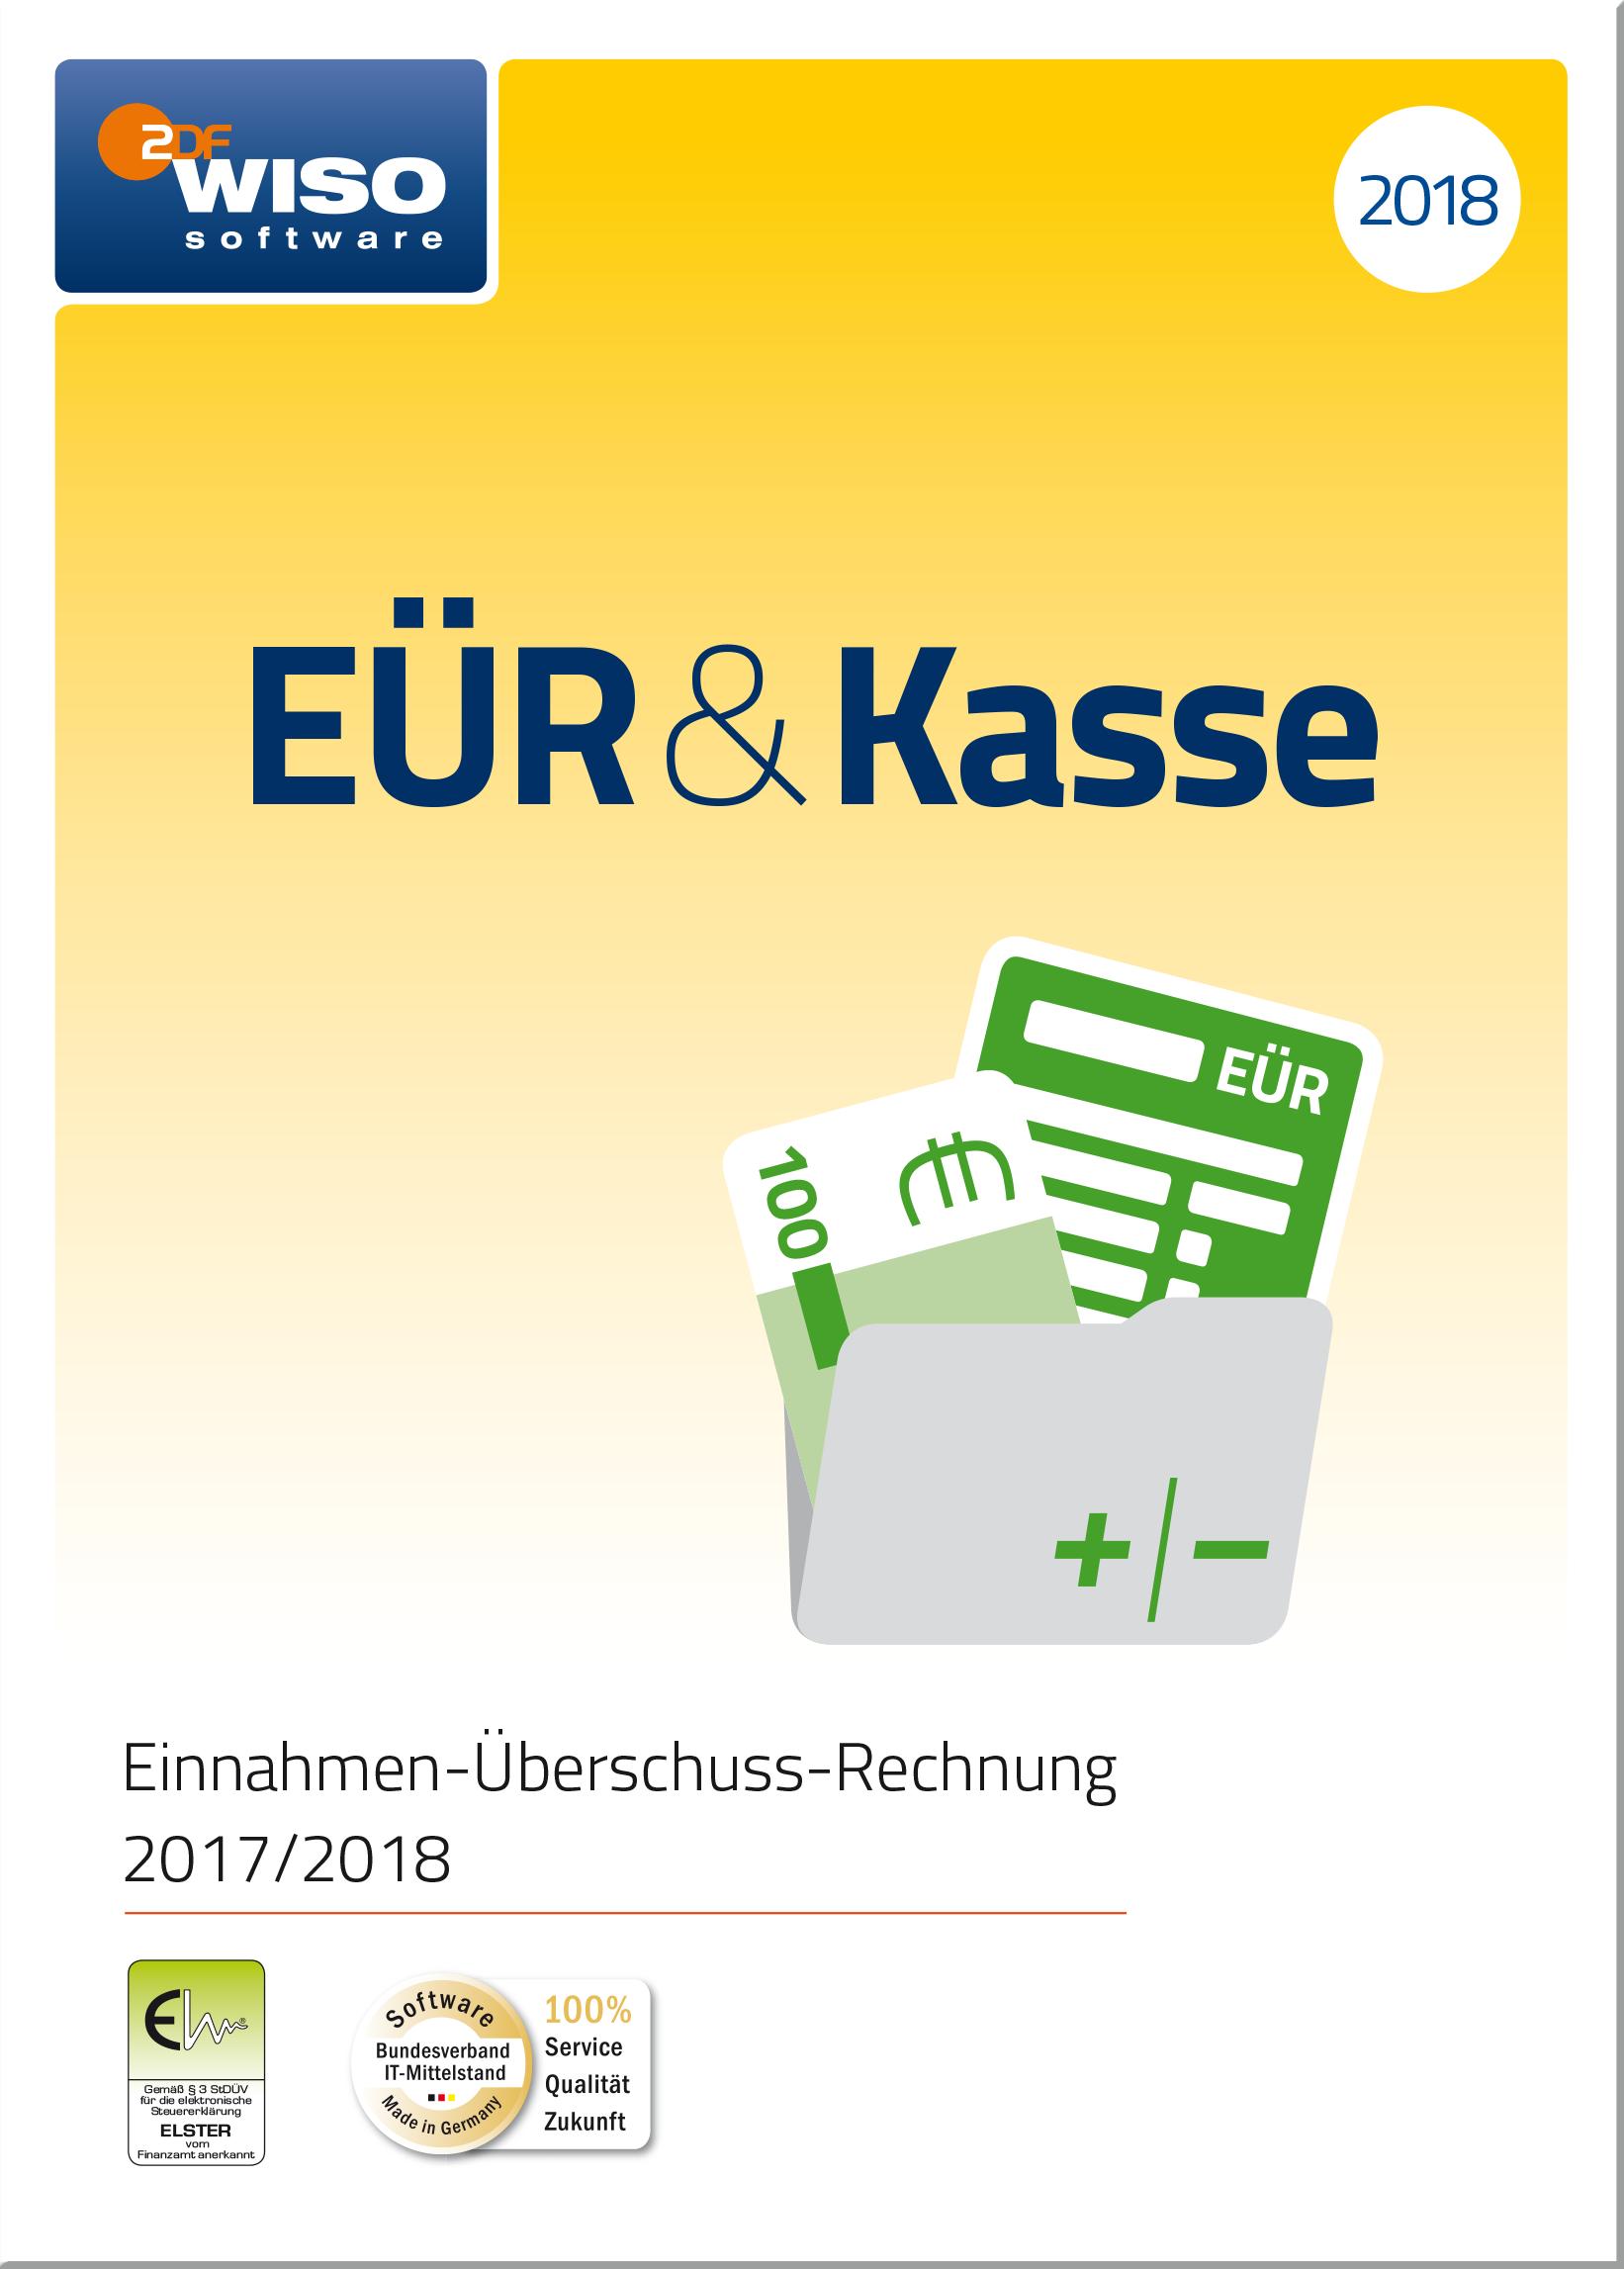 WISO EÜR & Kasse 2018: Für die Einnahmen-Überschuss-Rechnung 2017/2018 inkl. Gewerbe- und Umsatzsteuererklärung [Online Code] Kasse Software